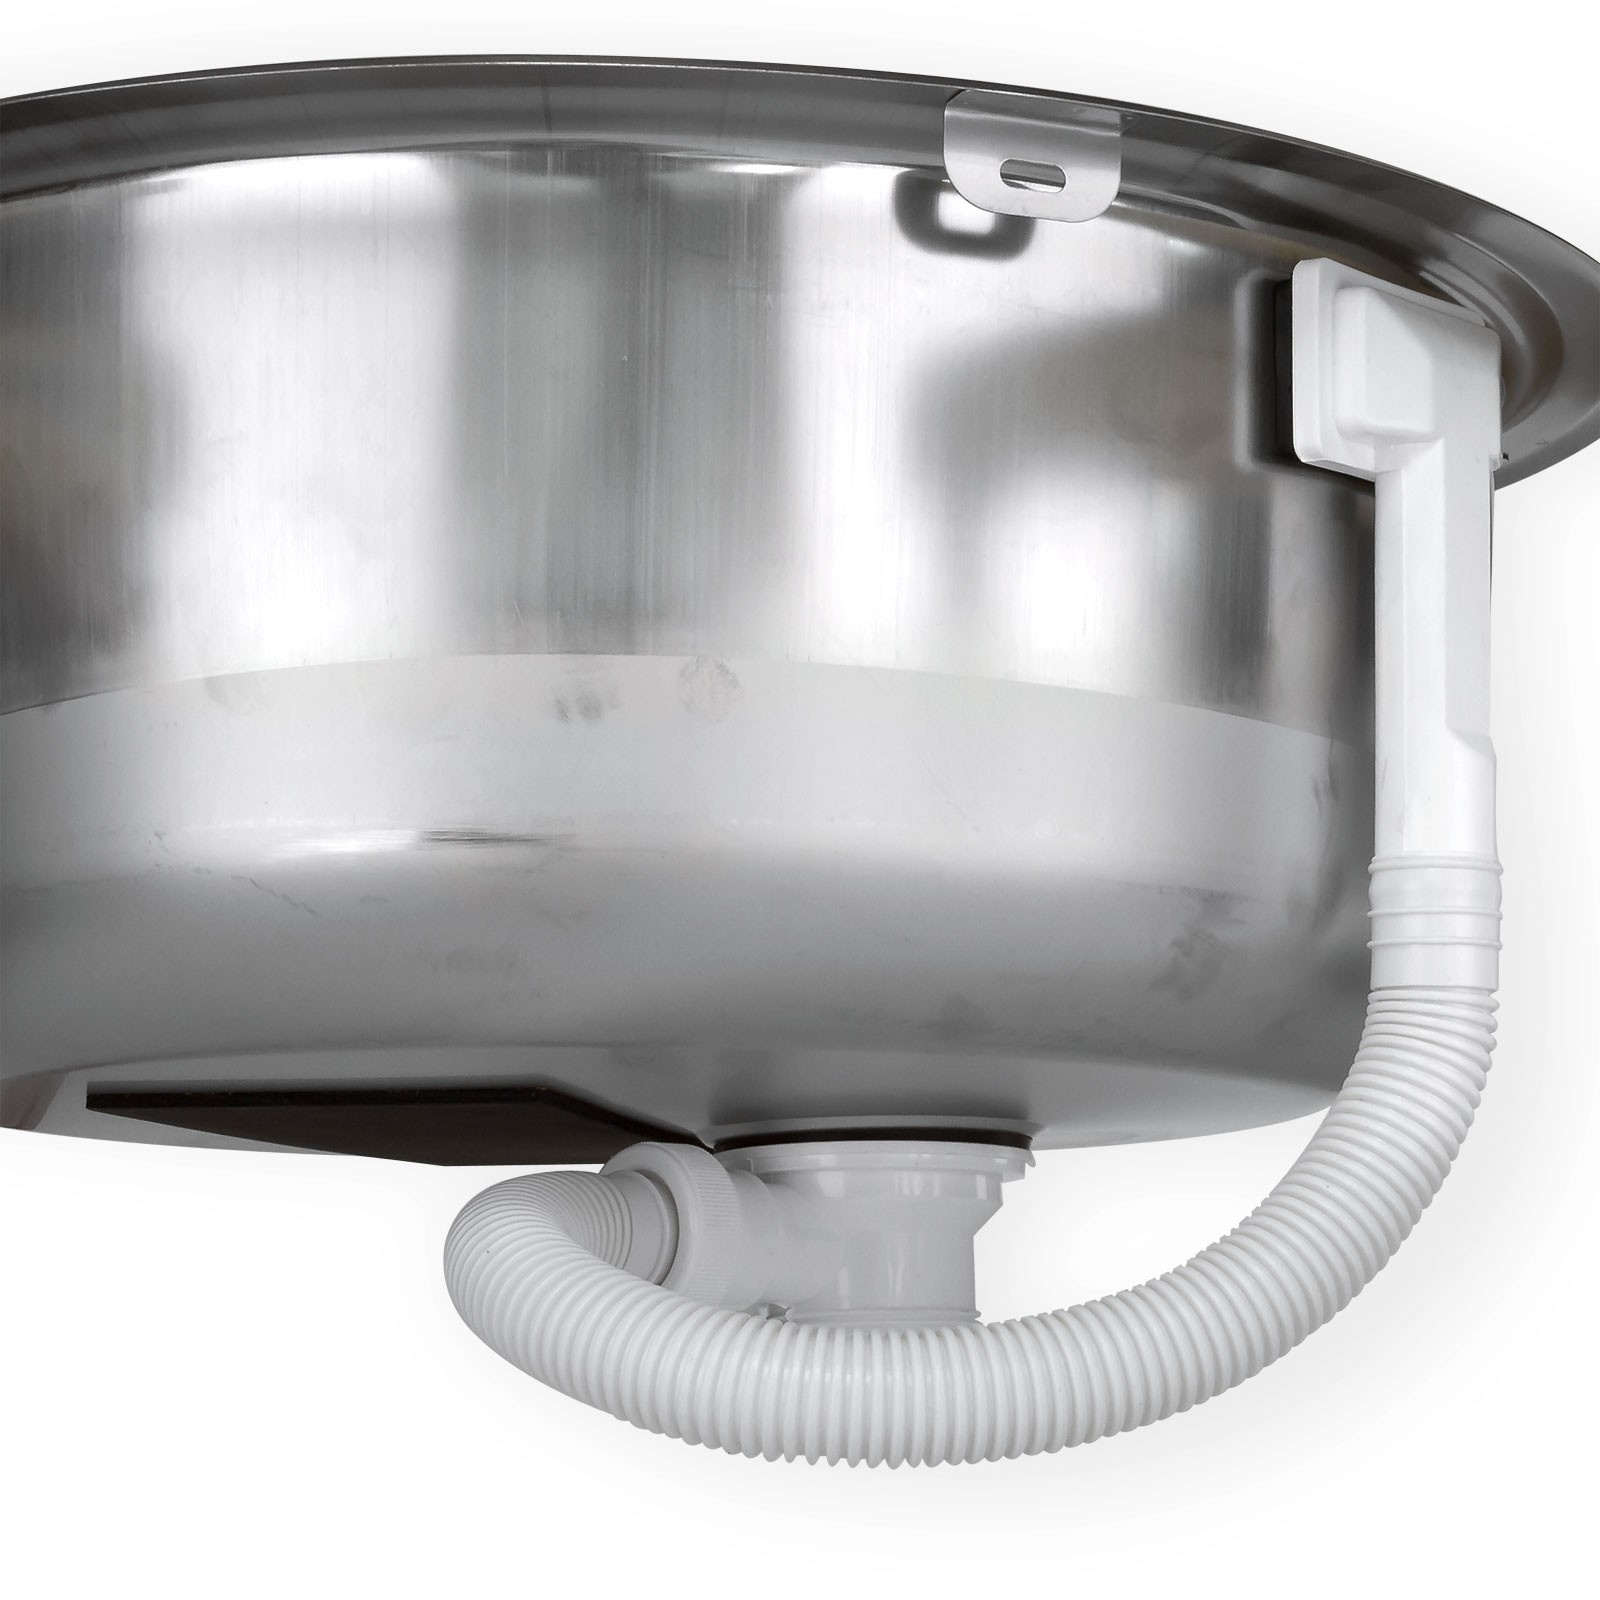 Edelstahl waschbecken spule einbauspule spulbecken for Einbauspüle rund